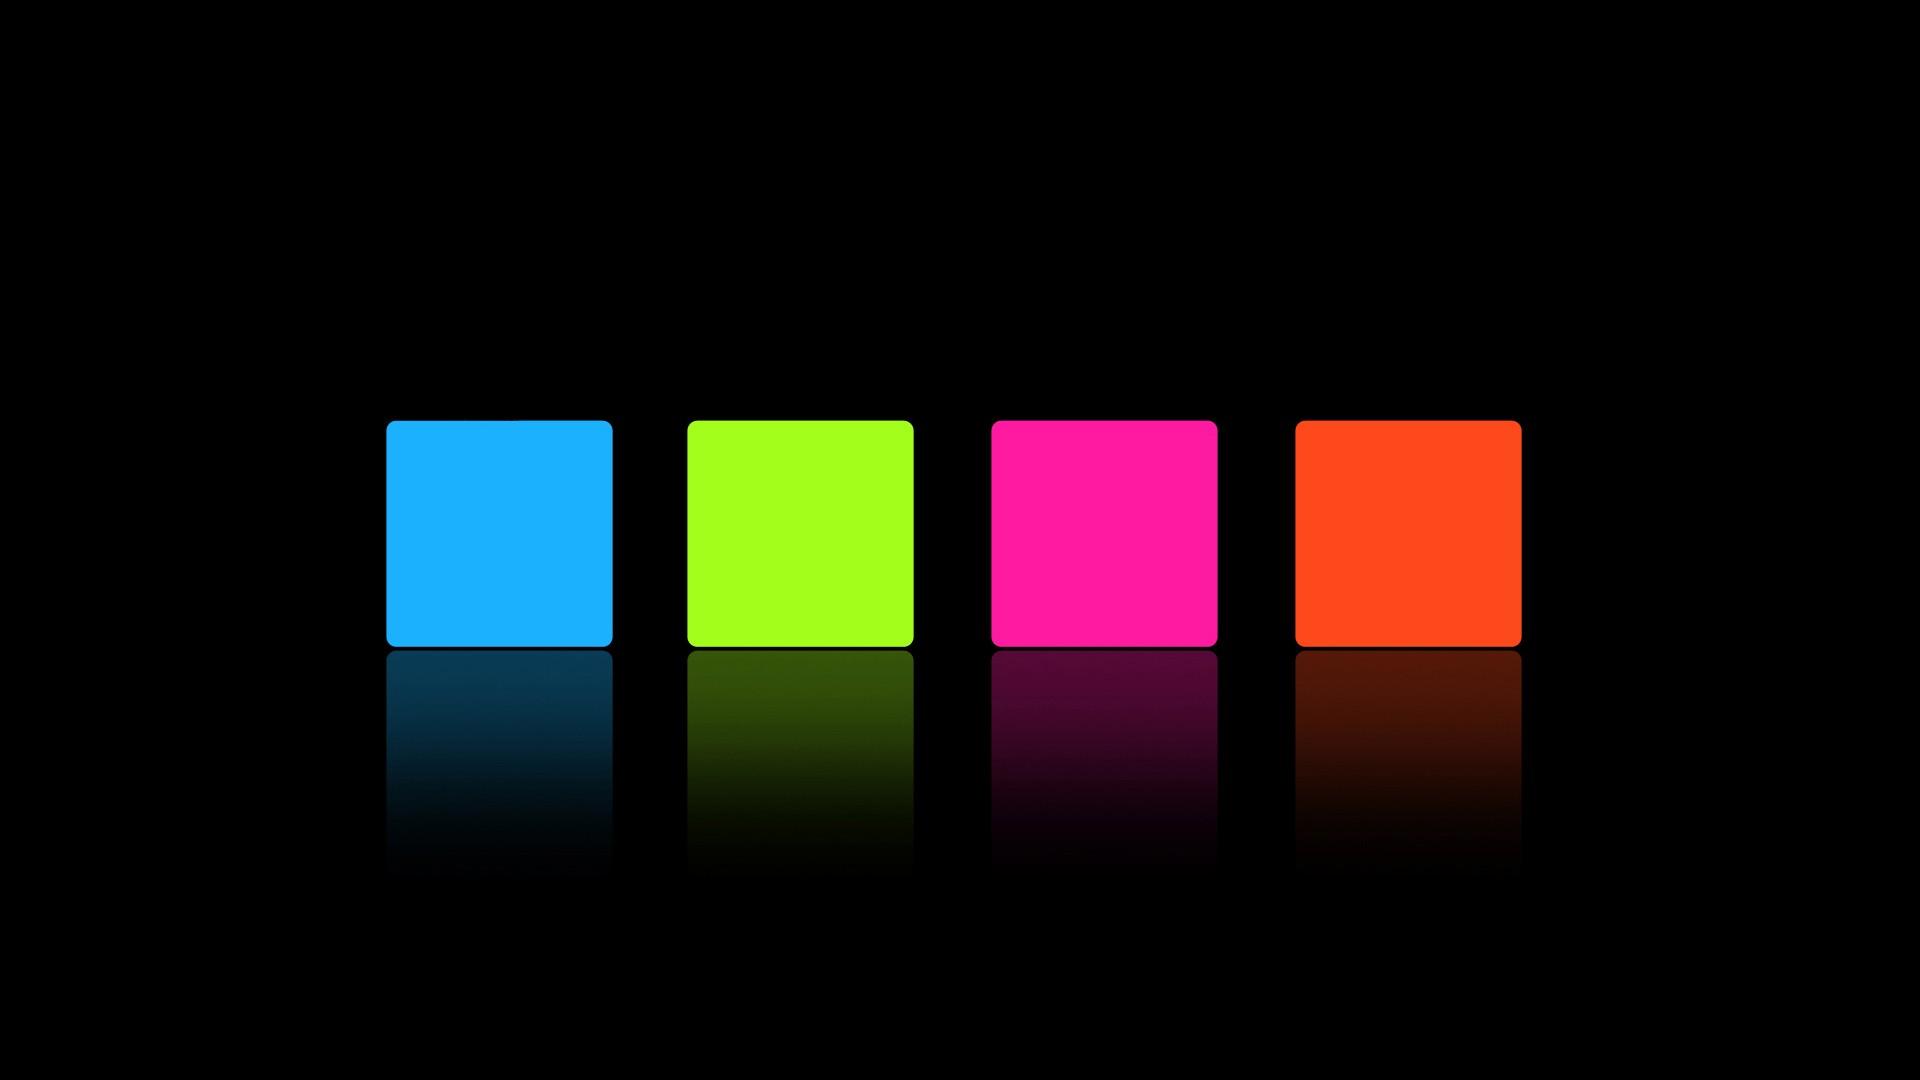 Wallpaper : black, illustration, digital art, simple ...